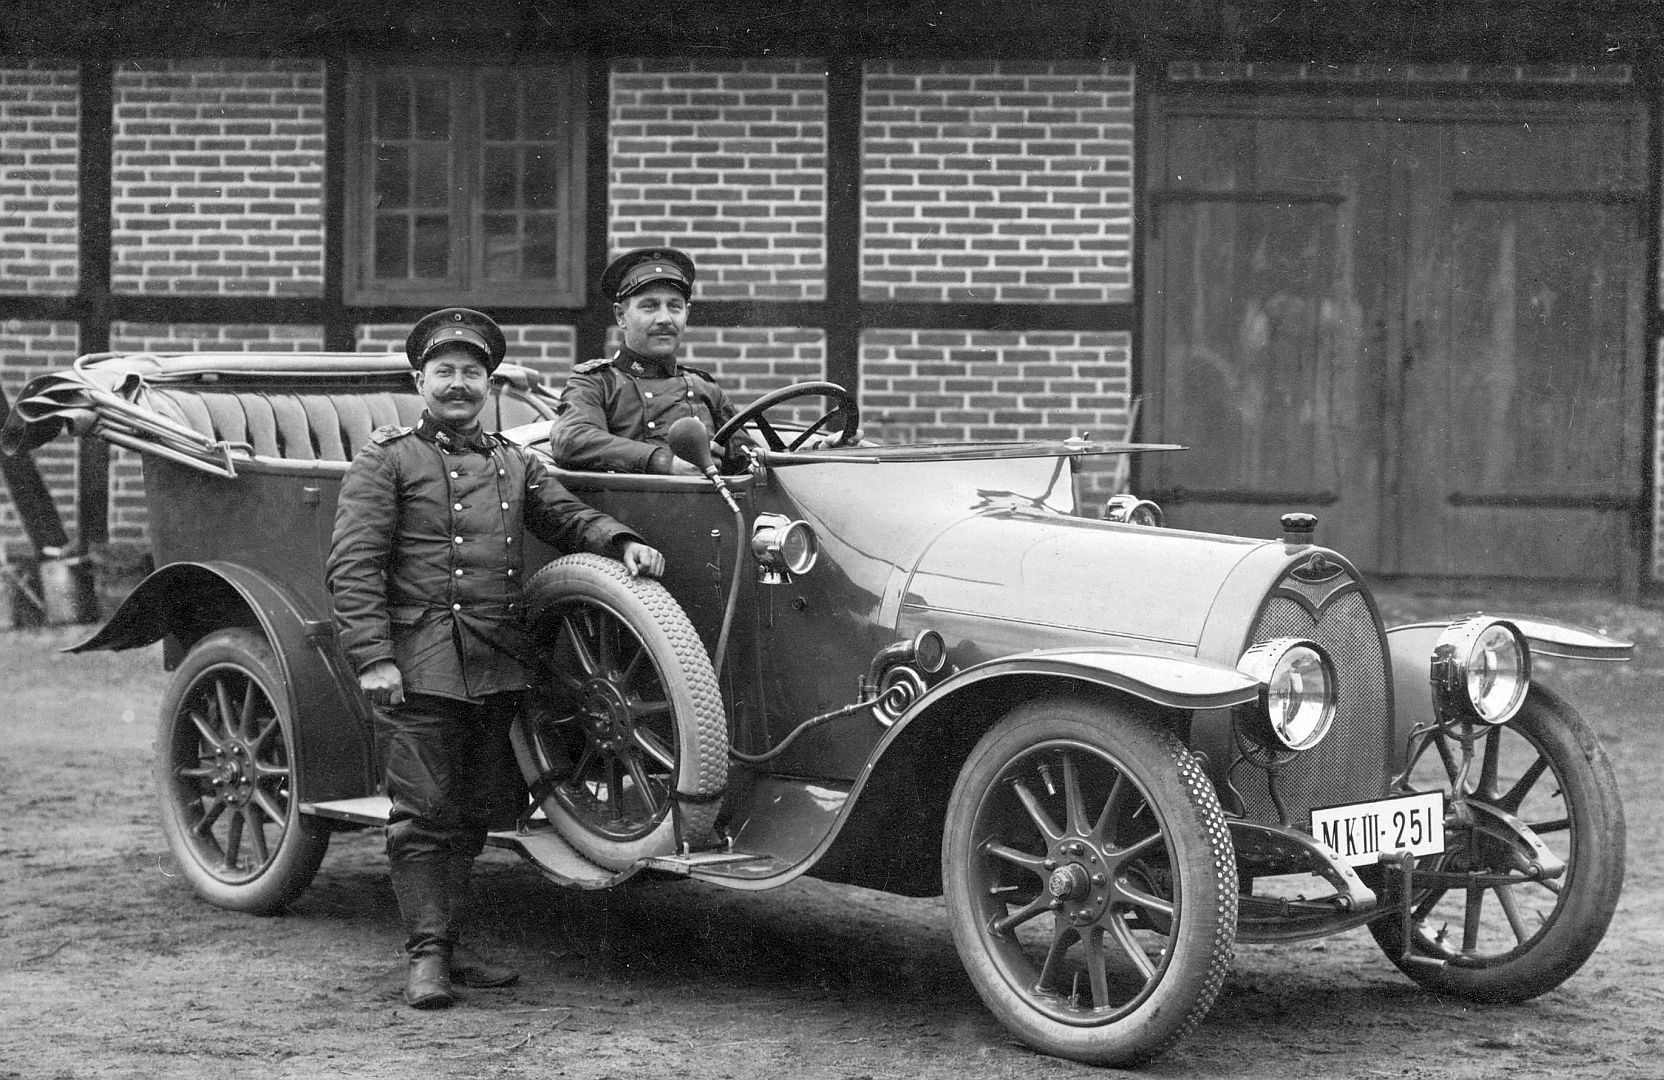 UnabhäNgig Old Italian Badge Original Fiat Italy Fiat Auto Kataloge Werden Auf Anfrage Verschickt Automobilia Accessoires & Fanartikel